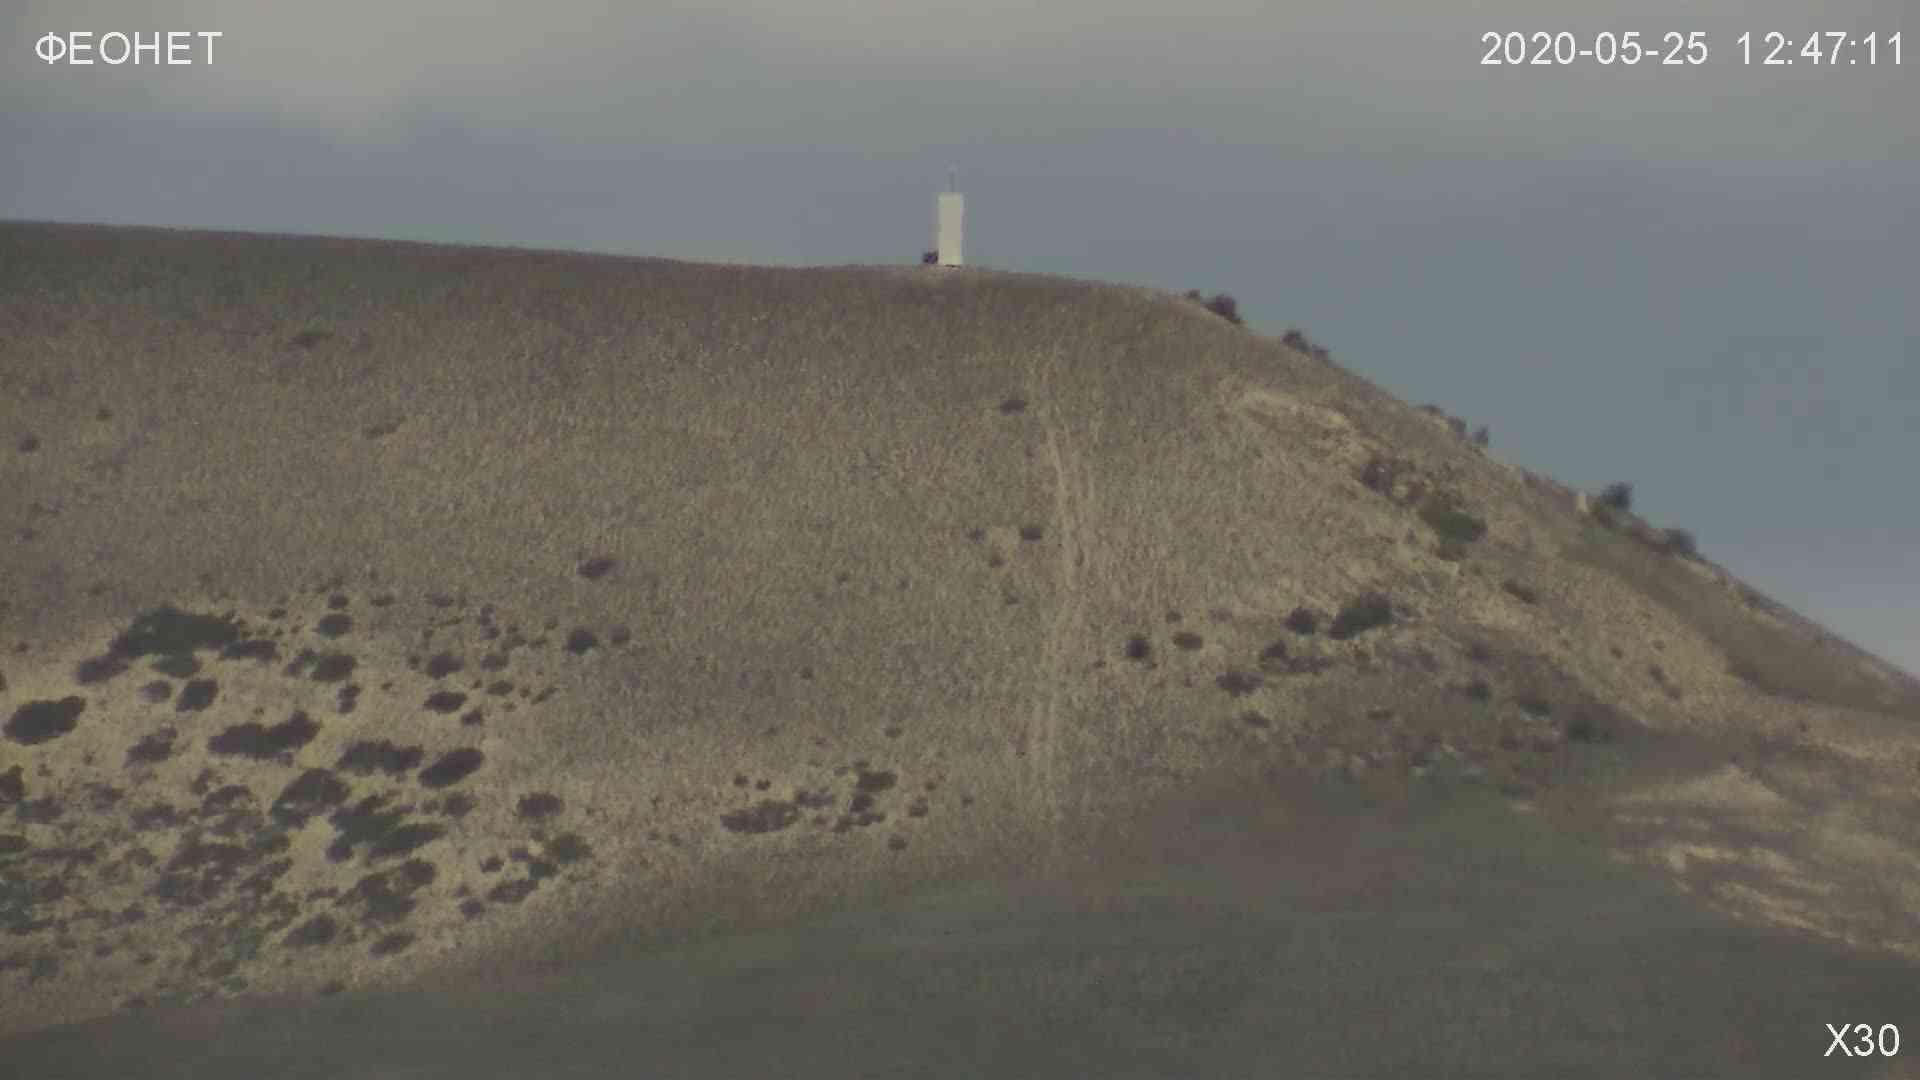 Веб-камеры Феодосии, Обзорная камера в Коктебеле, 2020-05-25 12:48:45